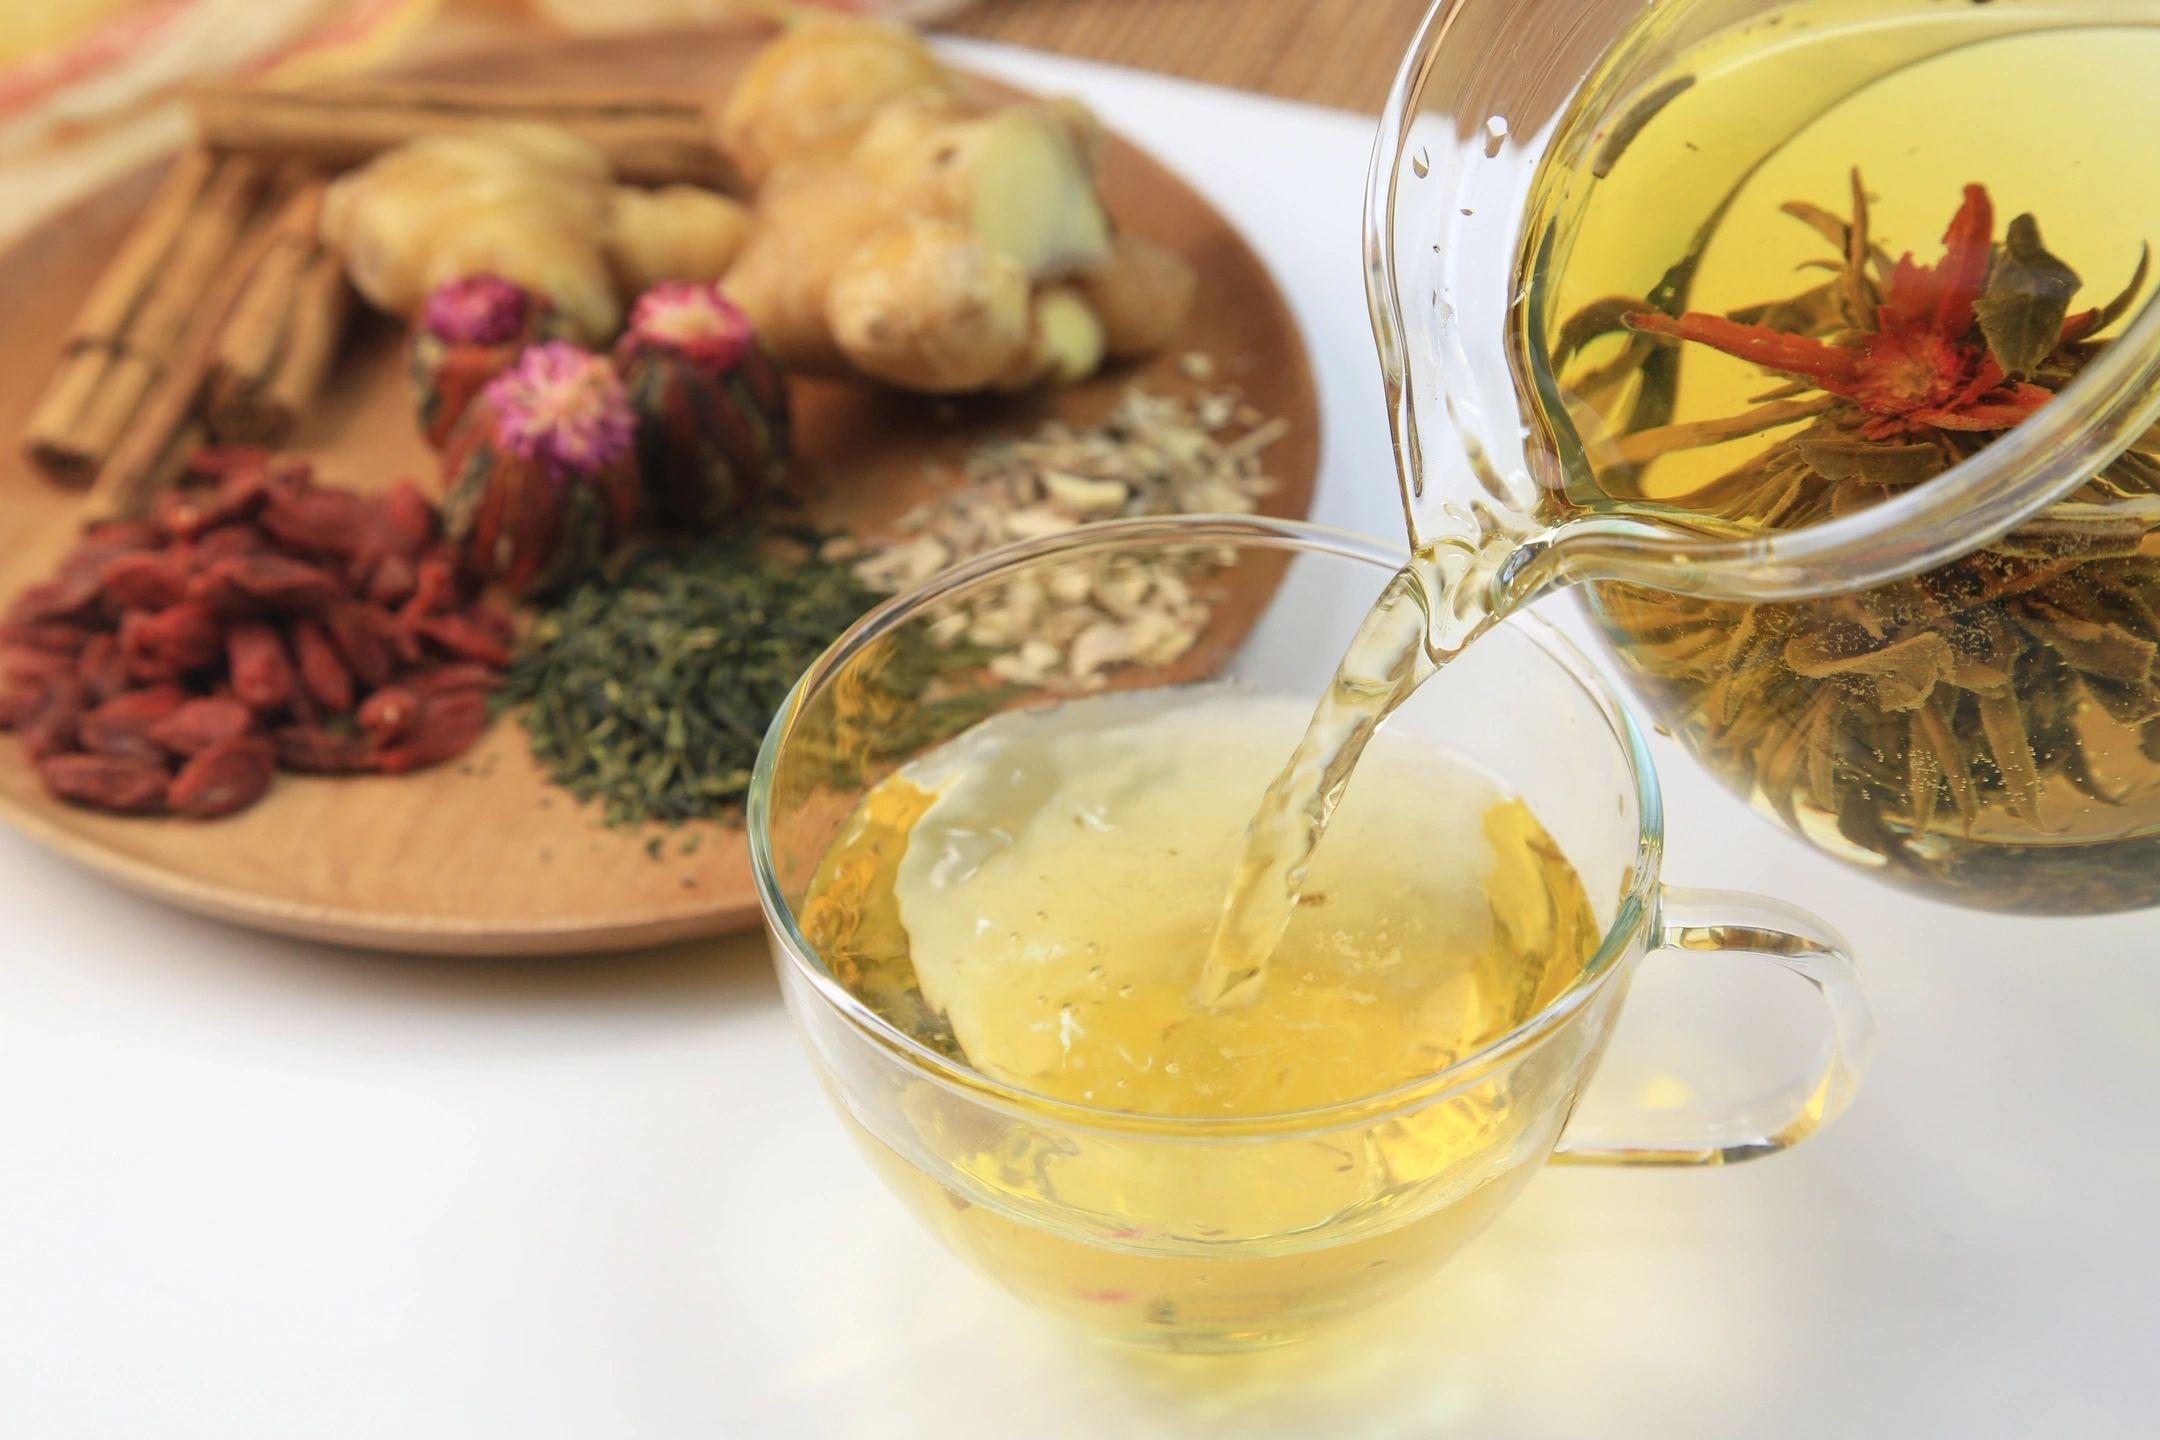 ¿Sabe que Té debe tomar y cuál es el mejor momento?